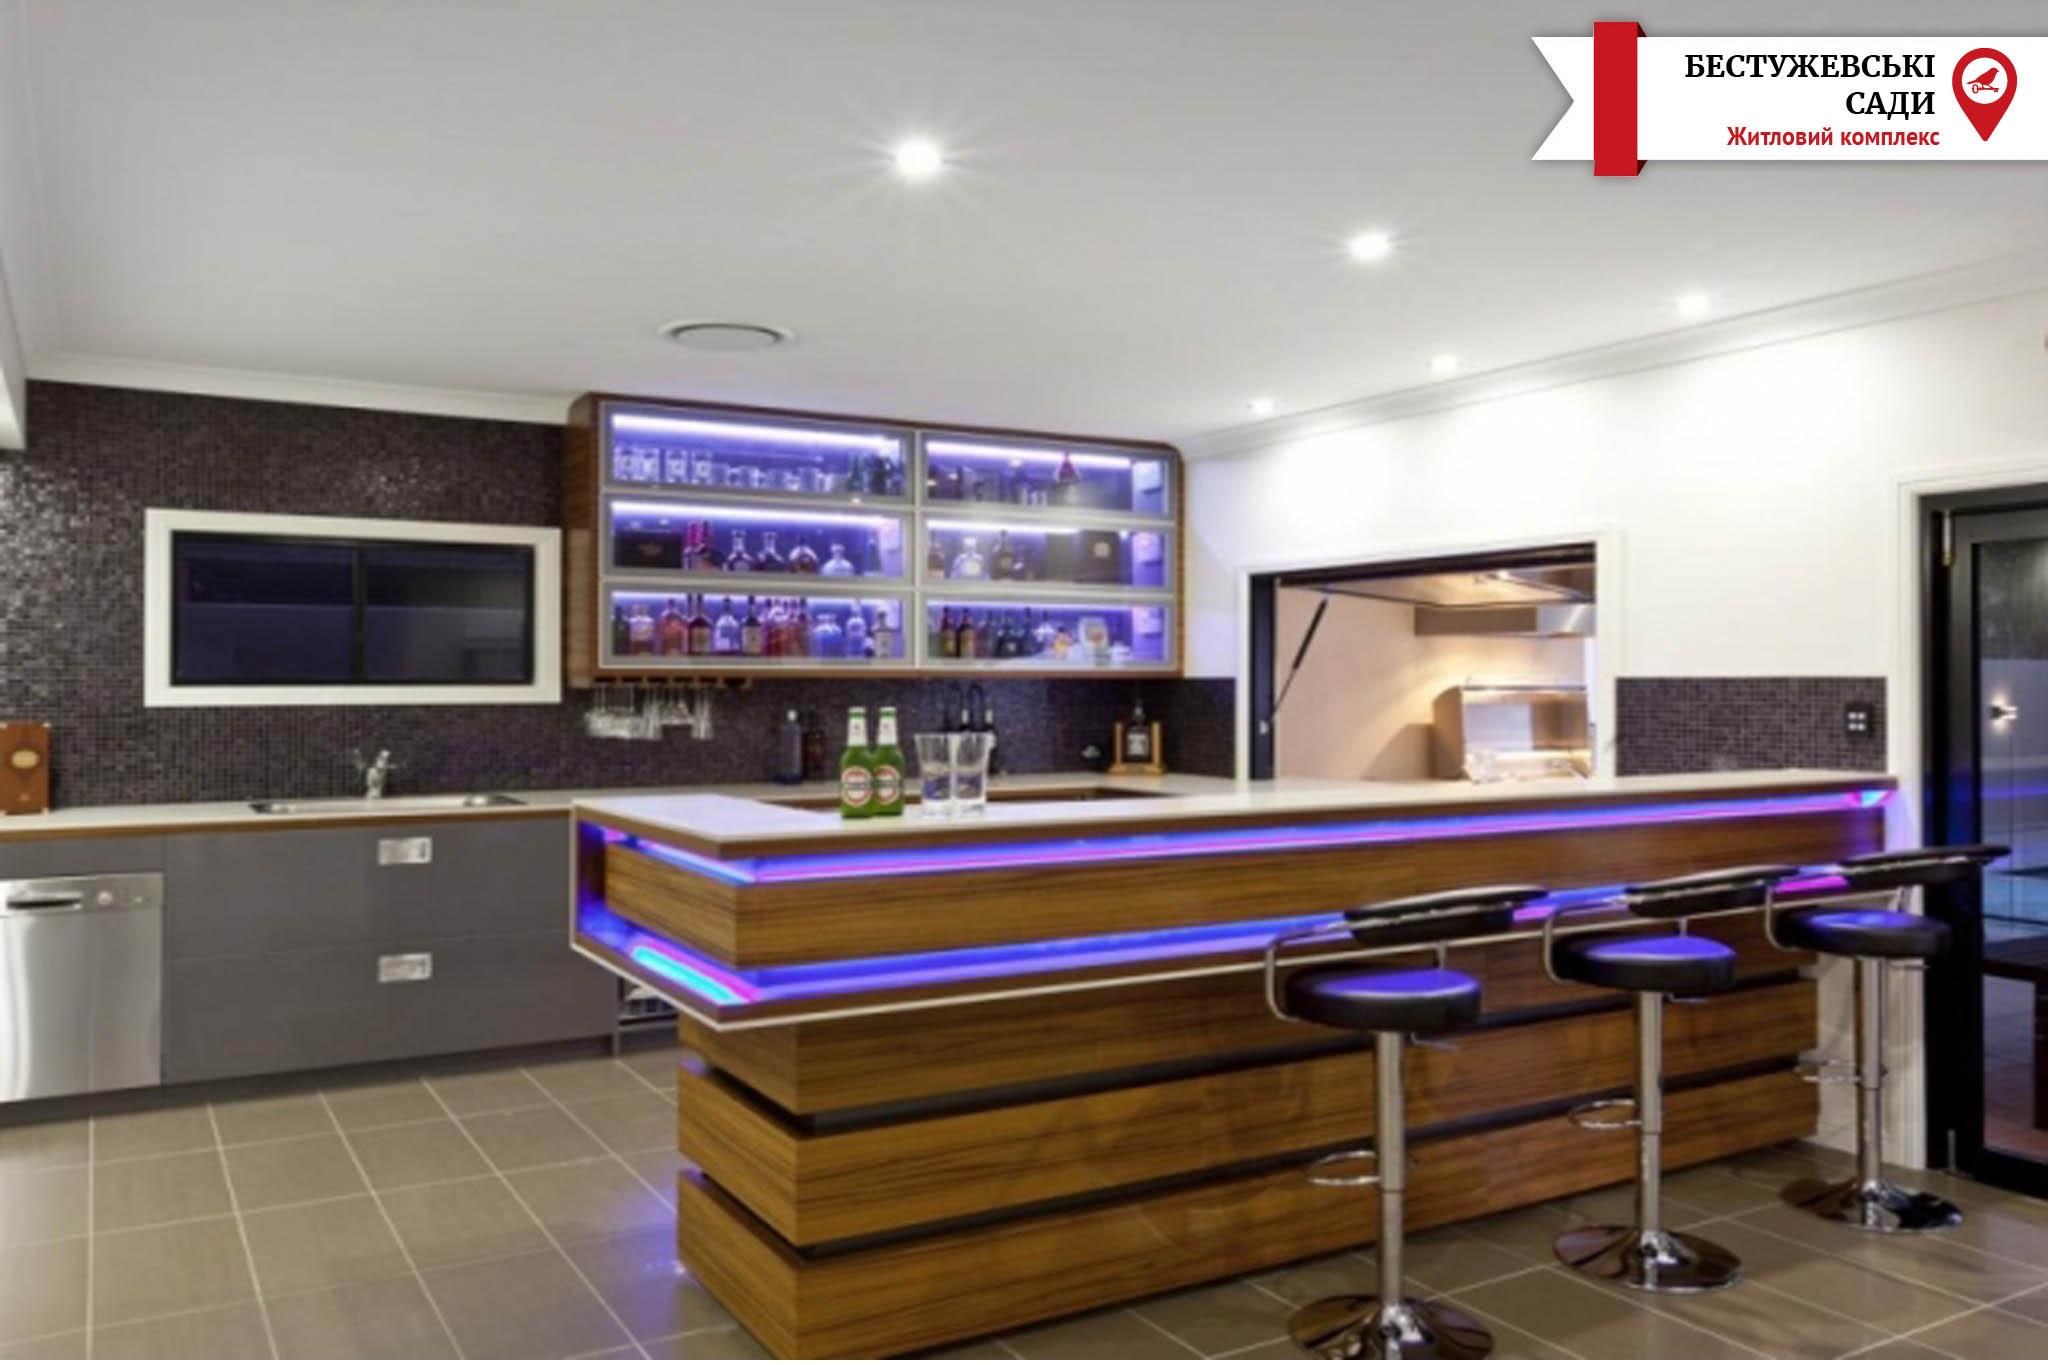 Чи зручний інтер'єр кухні з барною стійкою?